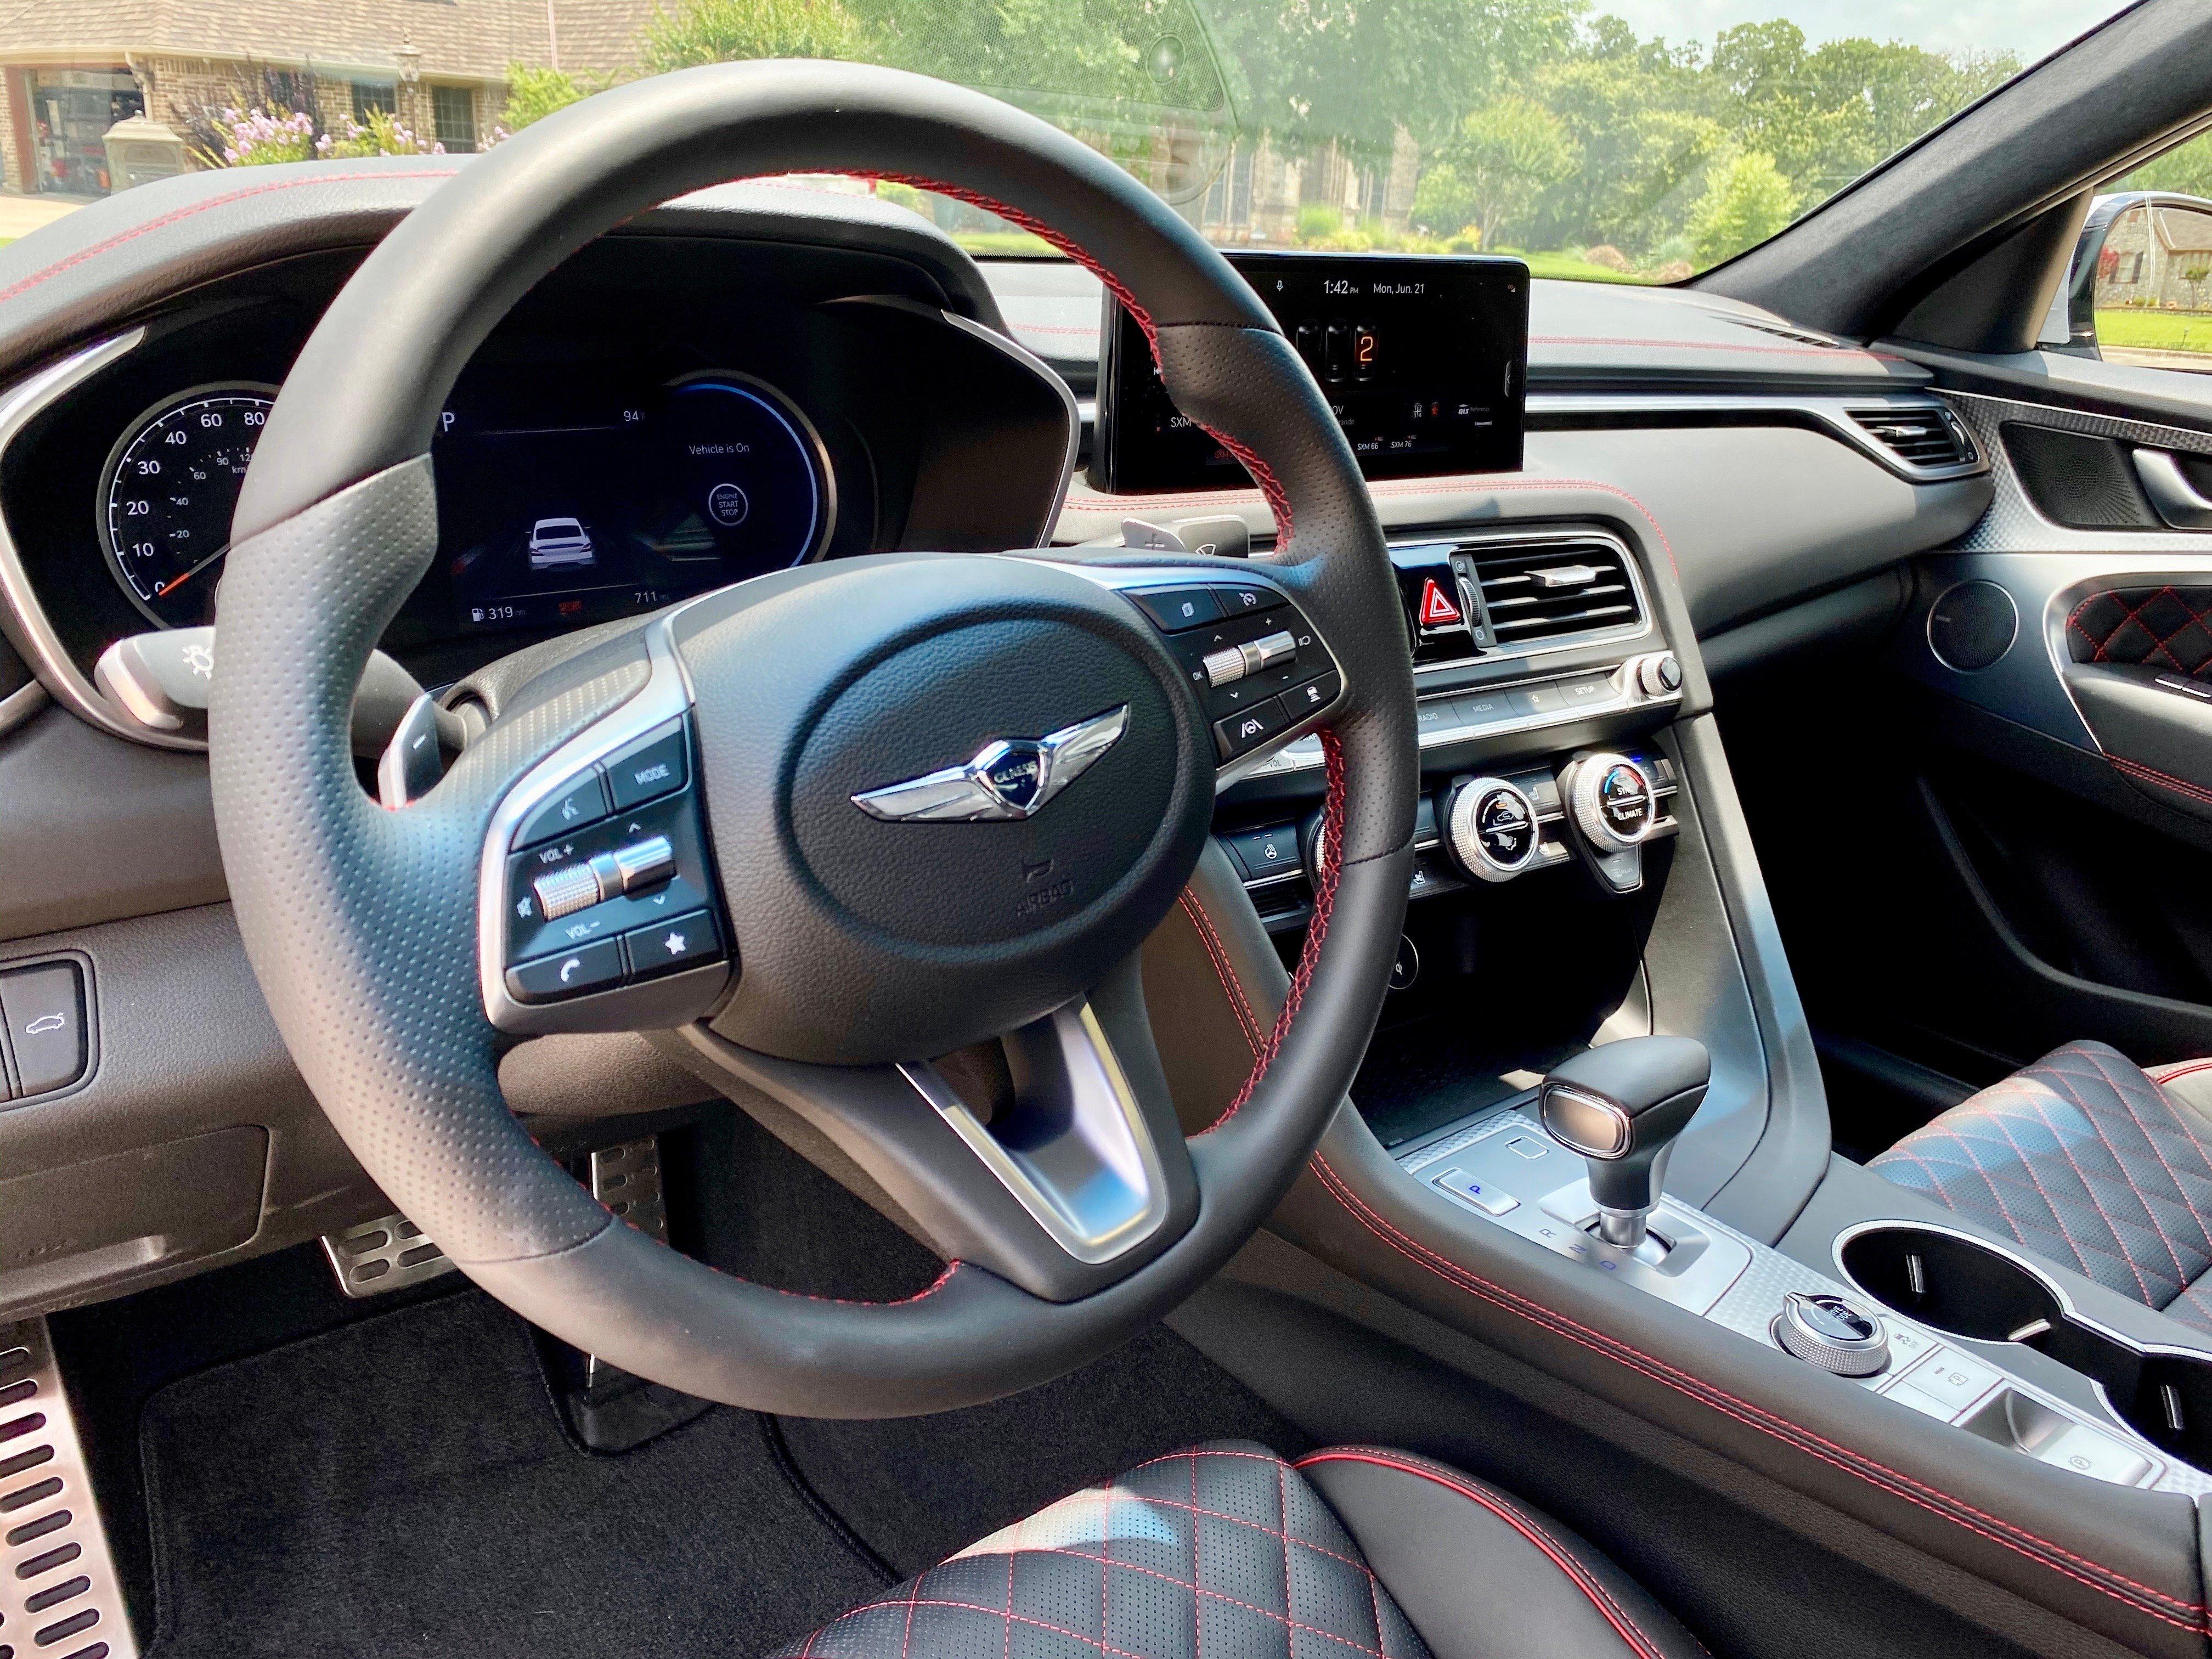 2022-Genesis-g70-steering-wheel-carprousa